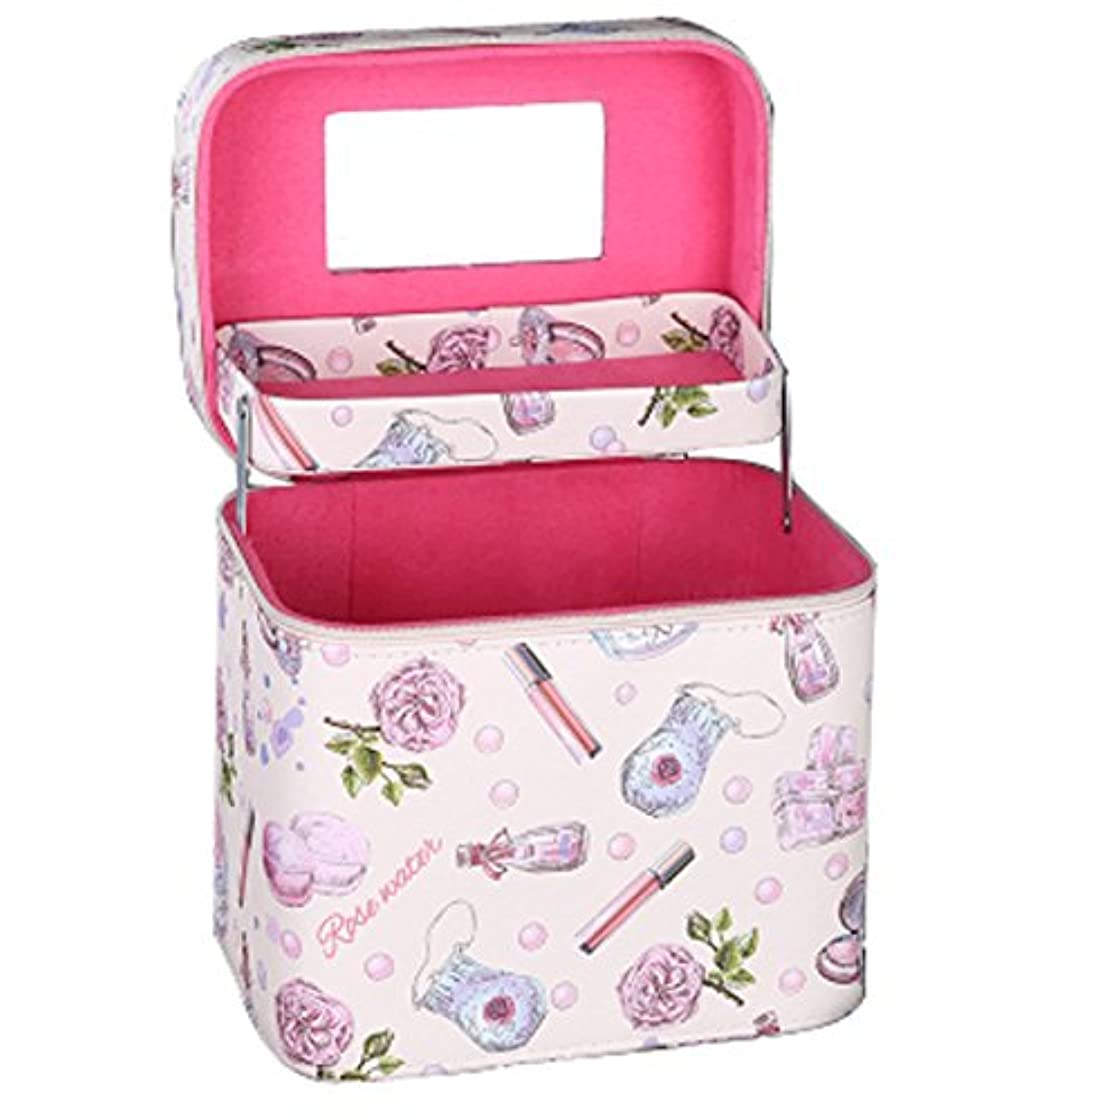 メイクボックス プロ 人気 コスメボックス 鏡付き 大容量 かわいい 化粧ボックス 持ち運び (ピンク2層)